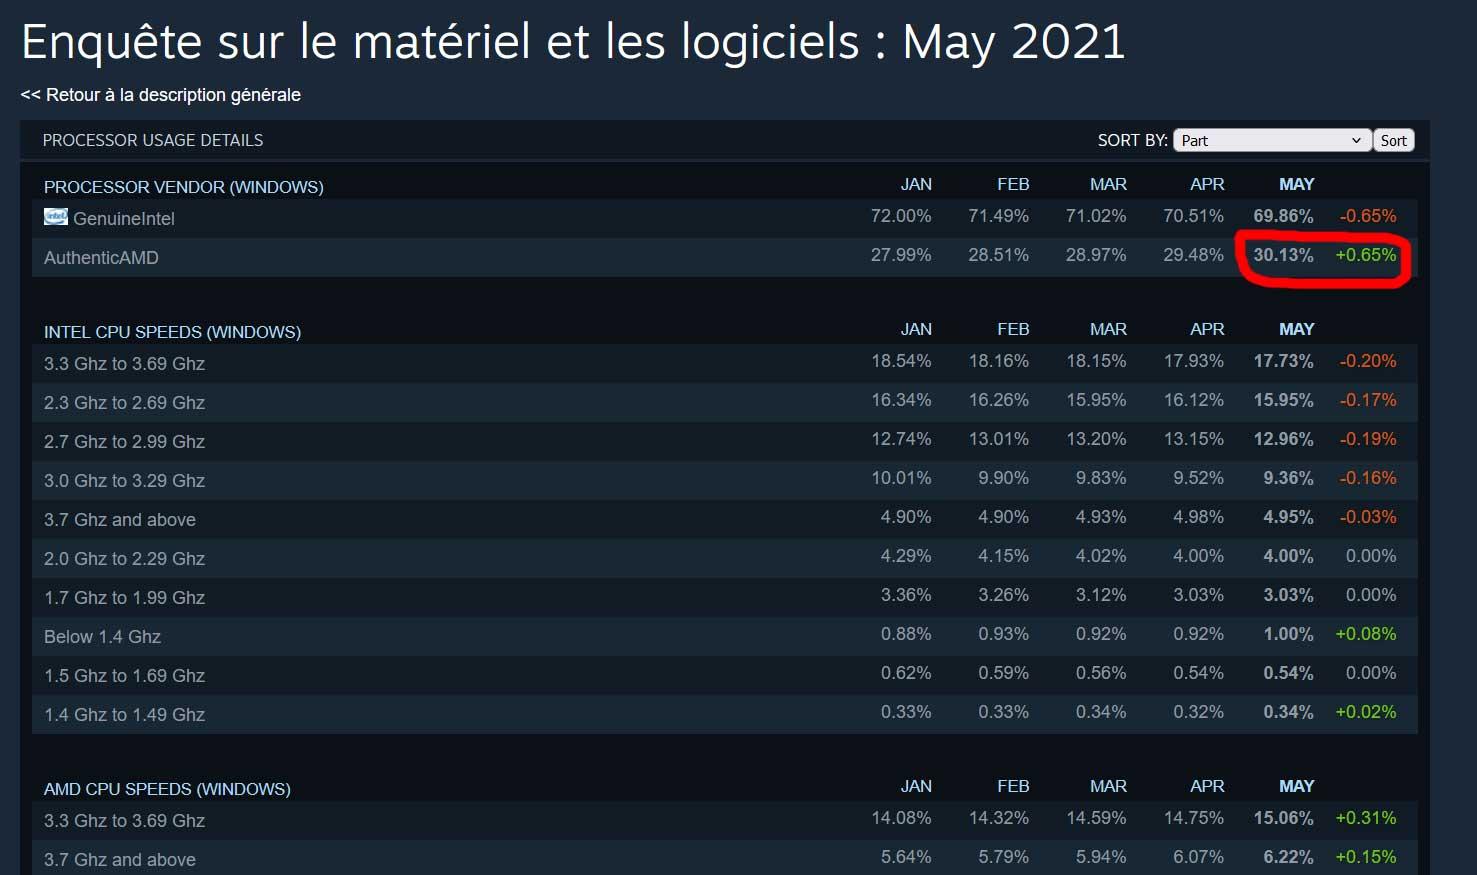 Enquète Steam sur le matériel et les logiciels – période mai 2021 (CPU)